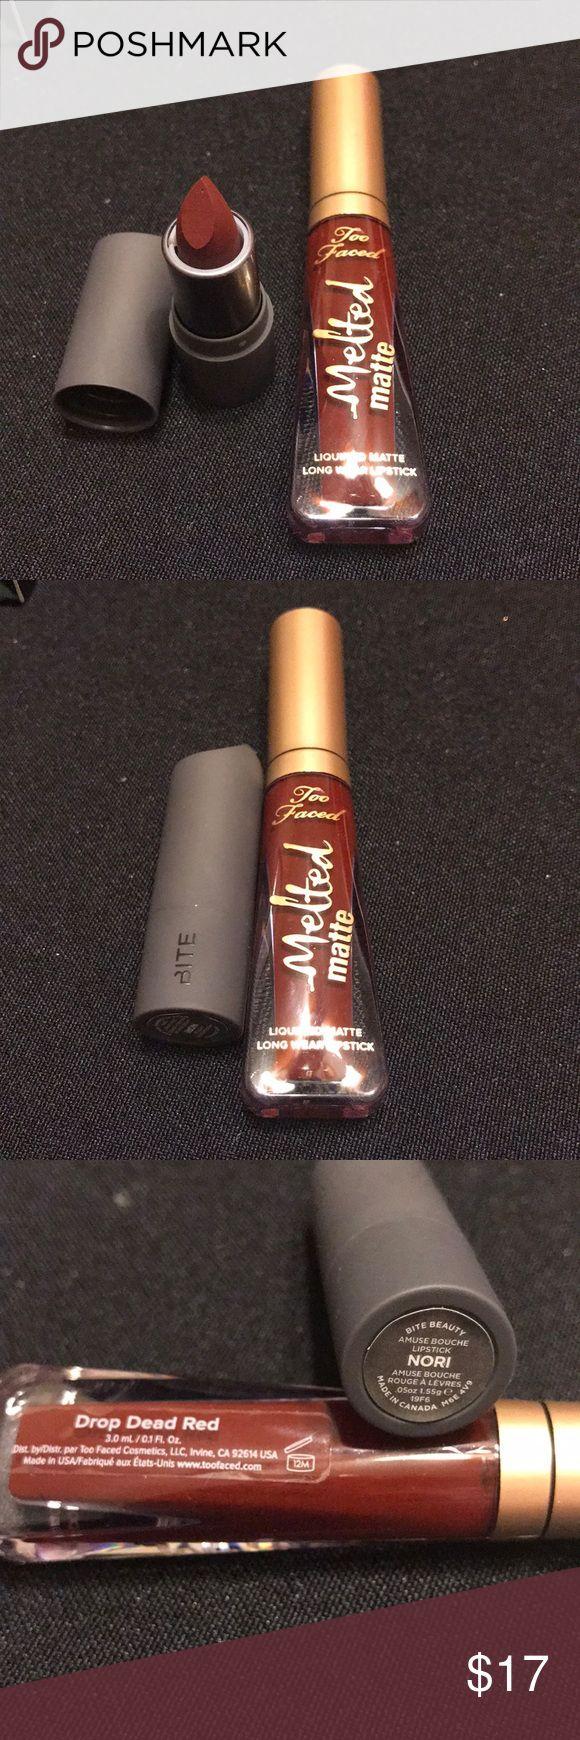 2 Dark Red Lipsticks Too Faced & Bite 2 Dark Red Lipsticks Too Faced & Bite Travel Size.  New Authentic Sephora Makeup Lipstick